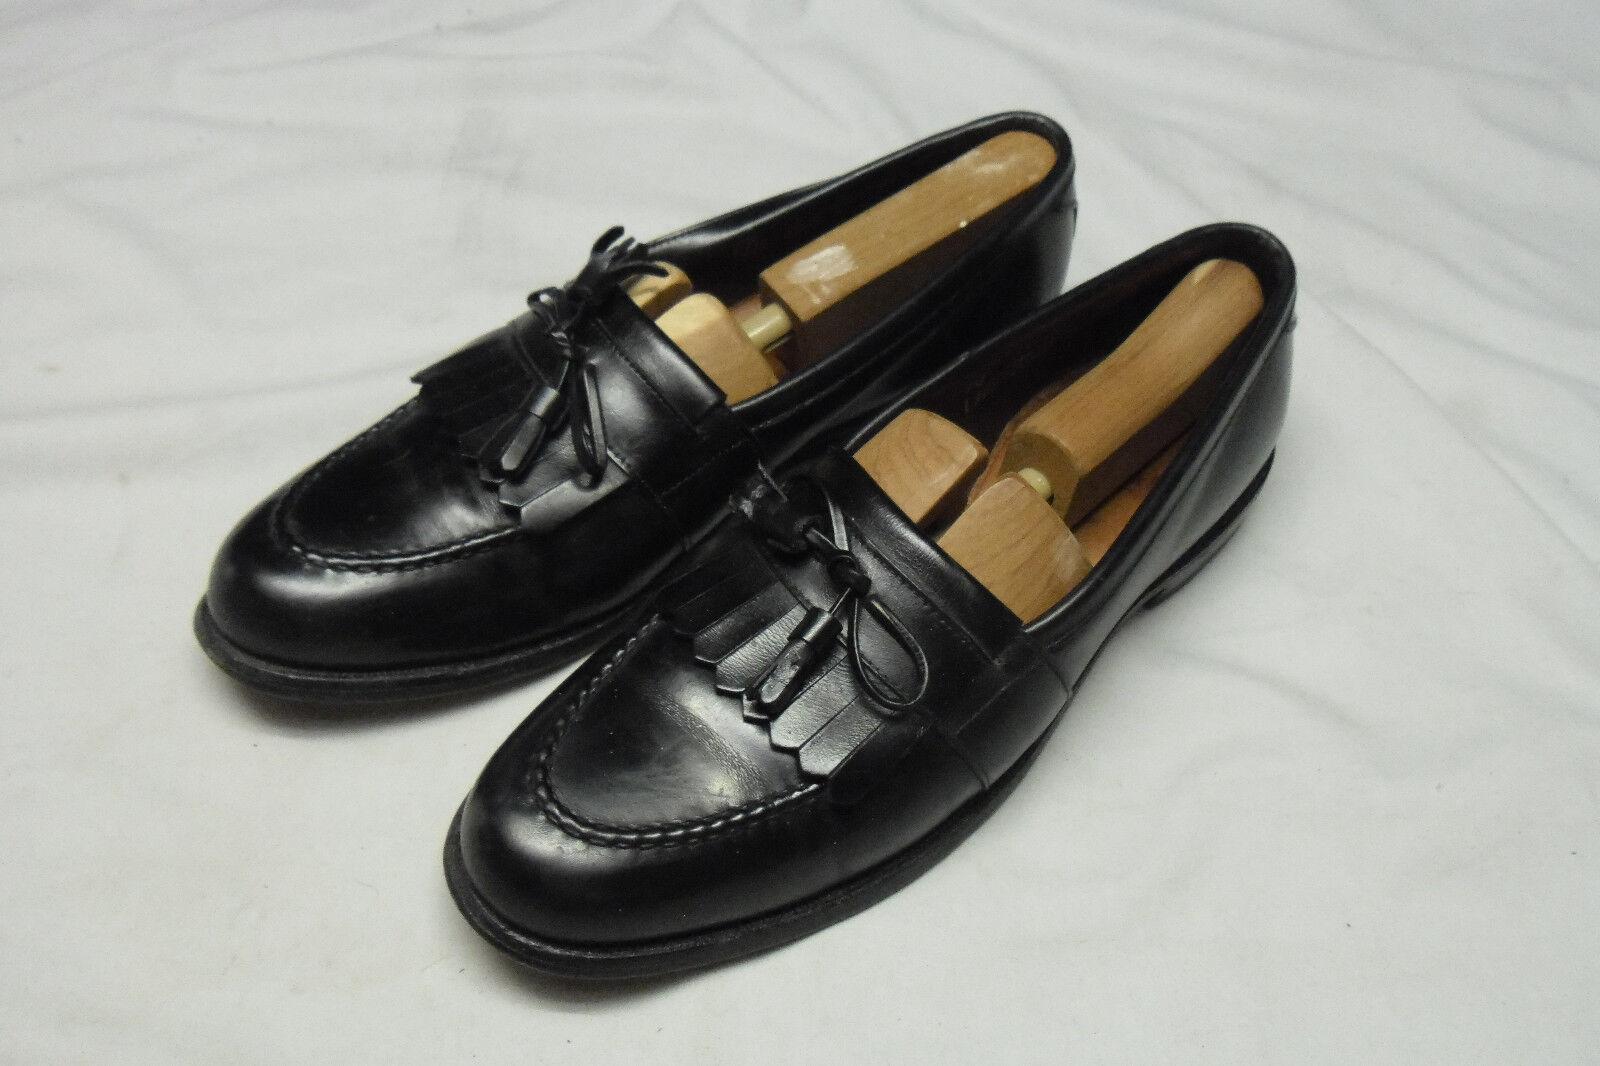 distribuzione globale Allen Edmonds nero All-Leather Chelsea Tassle Tassle Tassle Loafers 10AA w Forms  migliore qualità